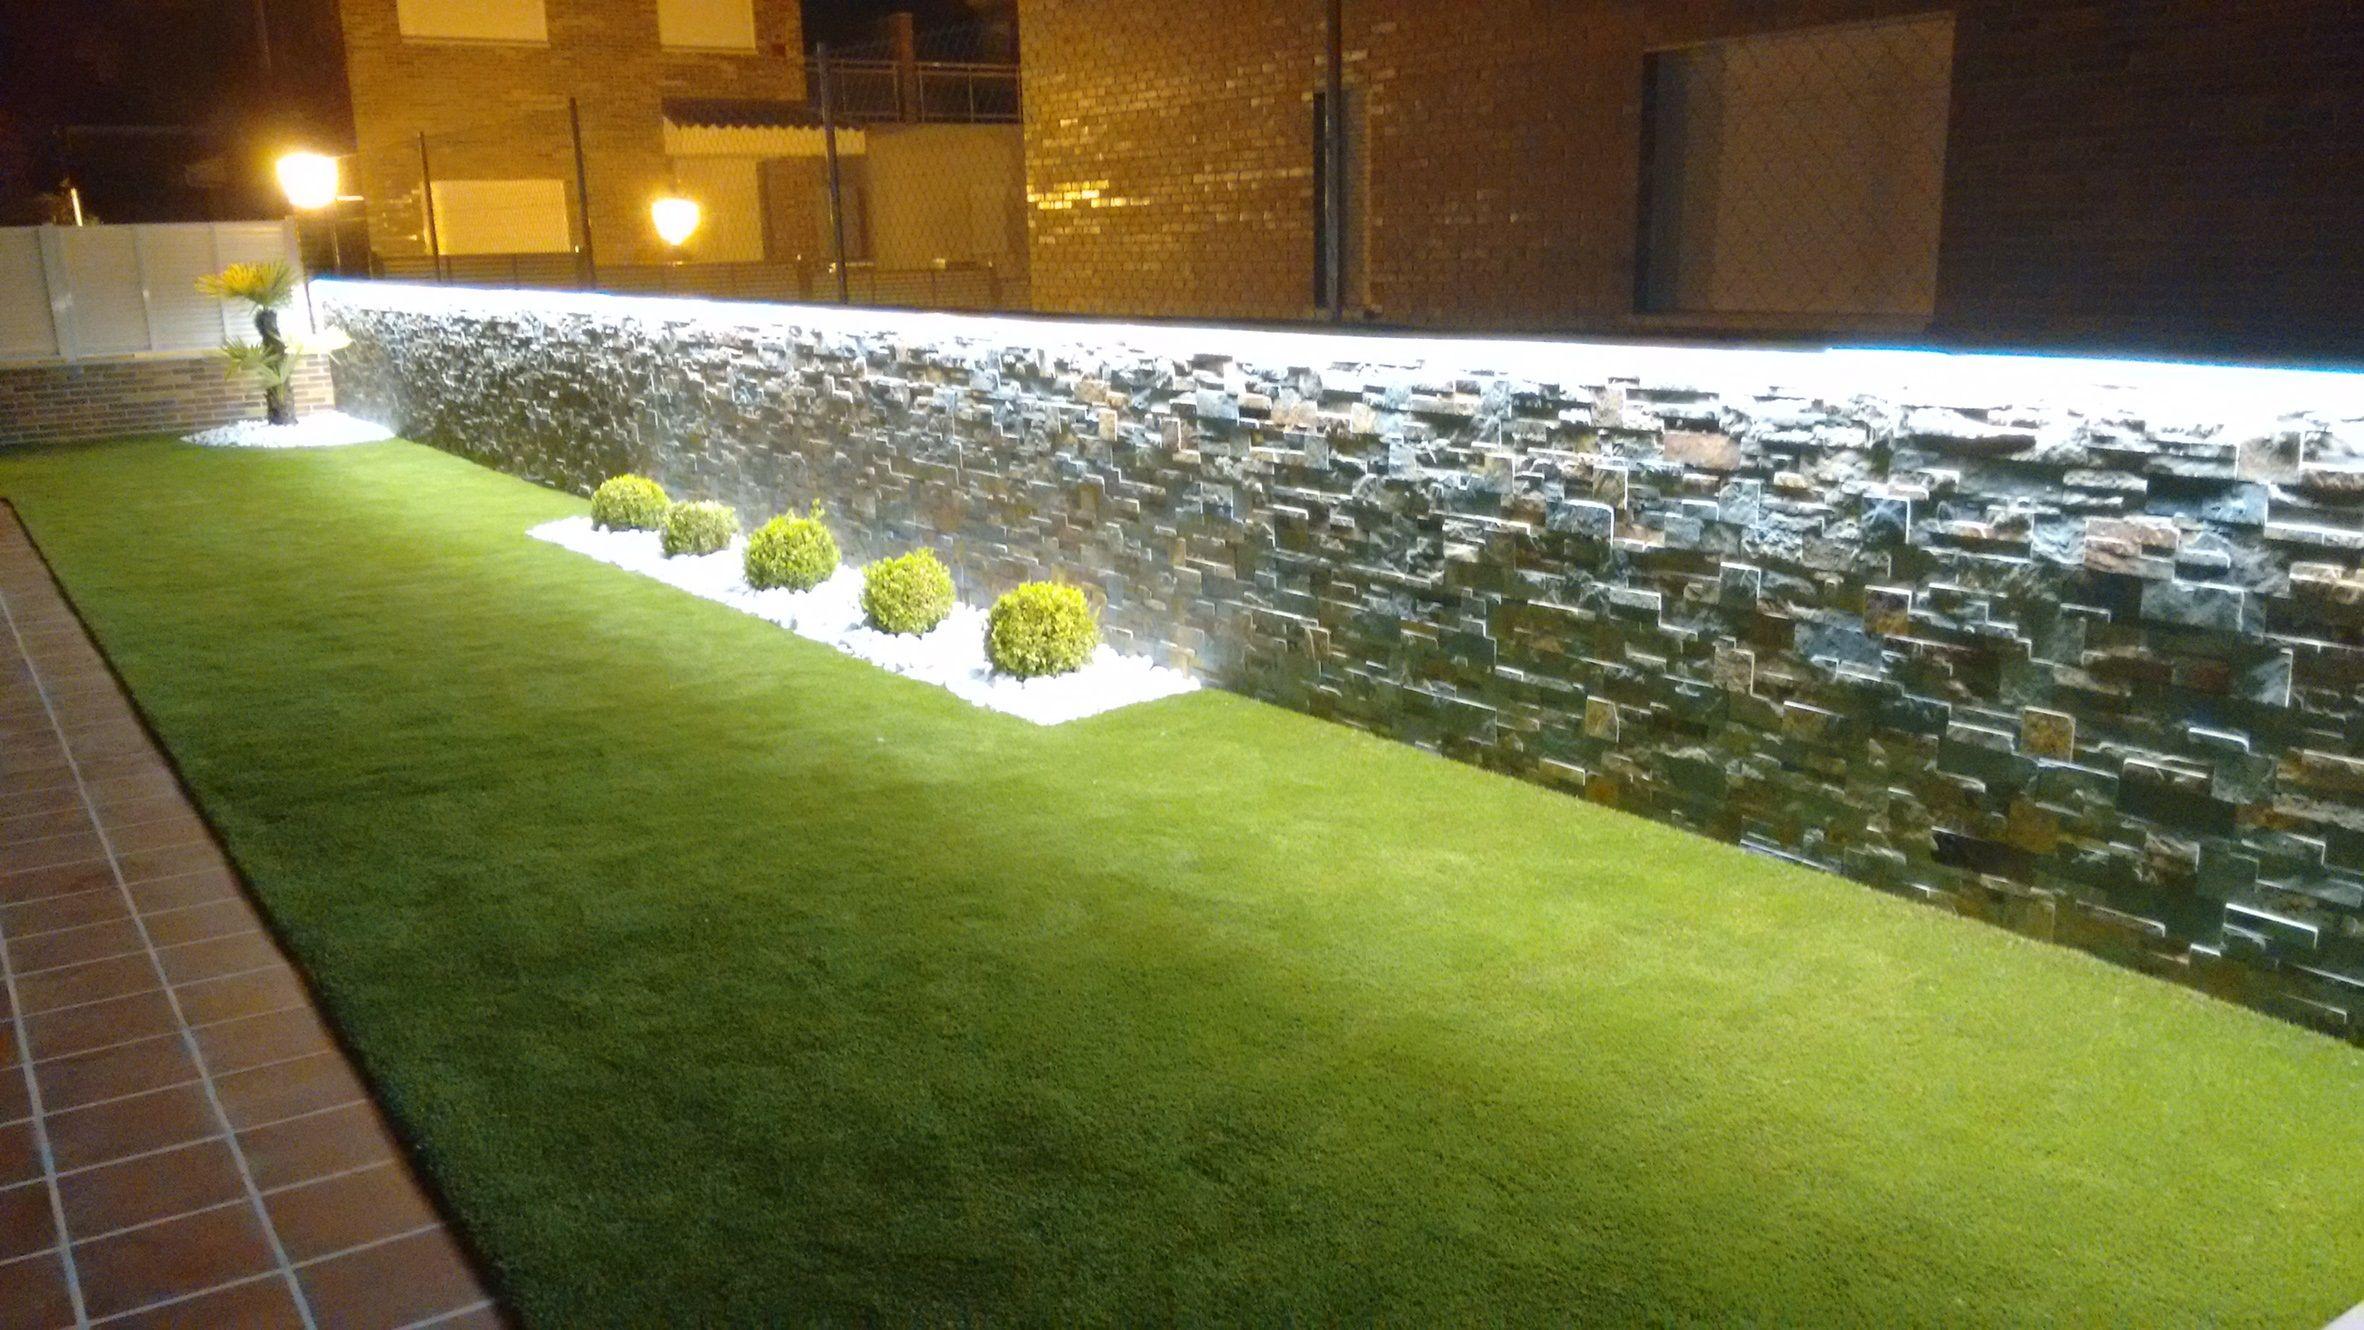 jardin con césped artificial Eco Living Lavanda, bolos blancos, bojs ...